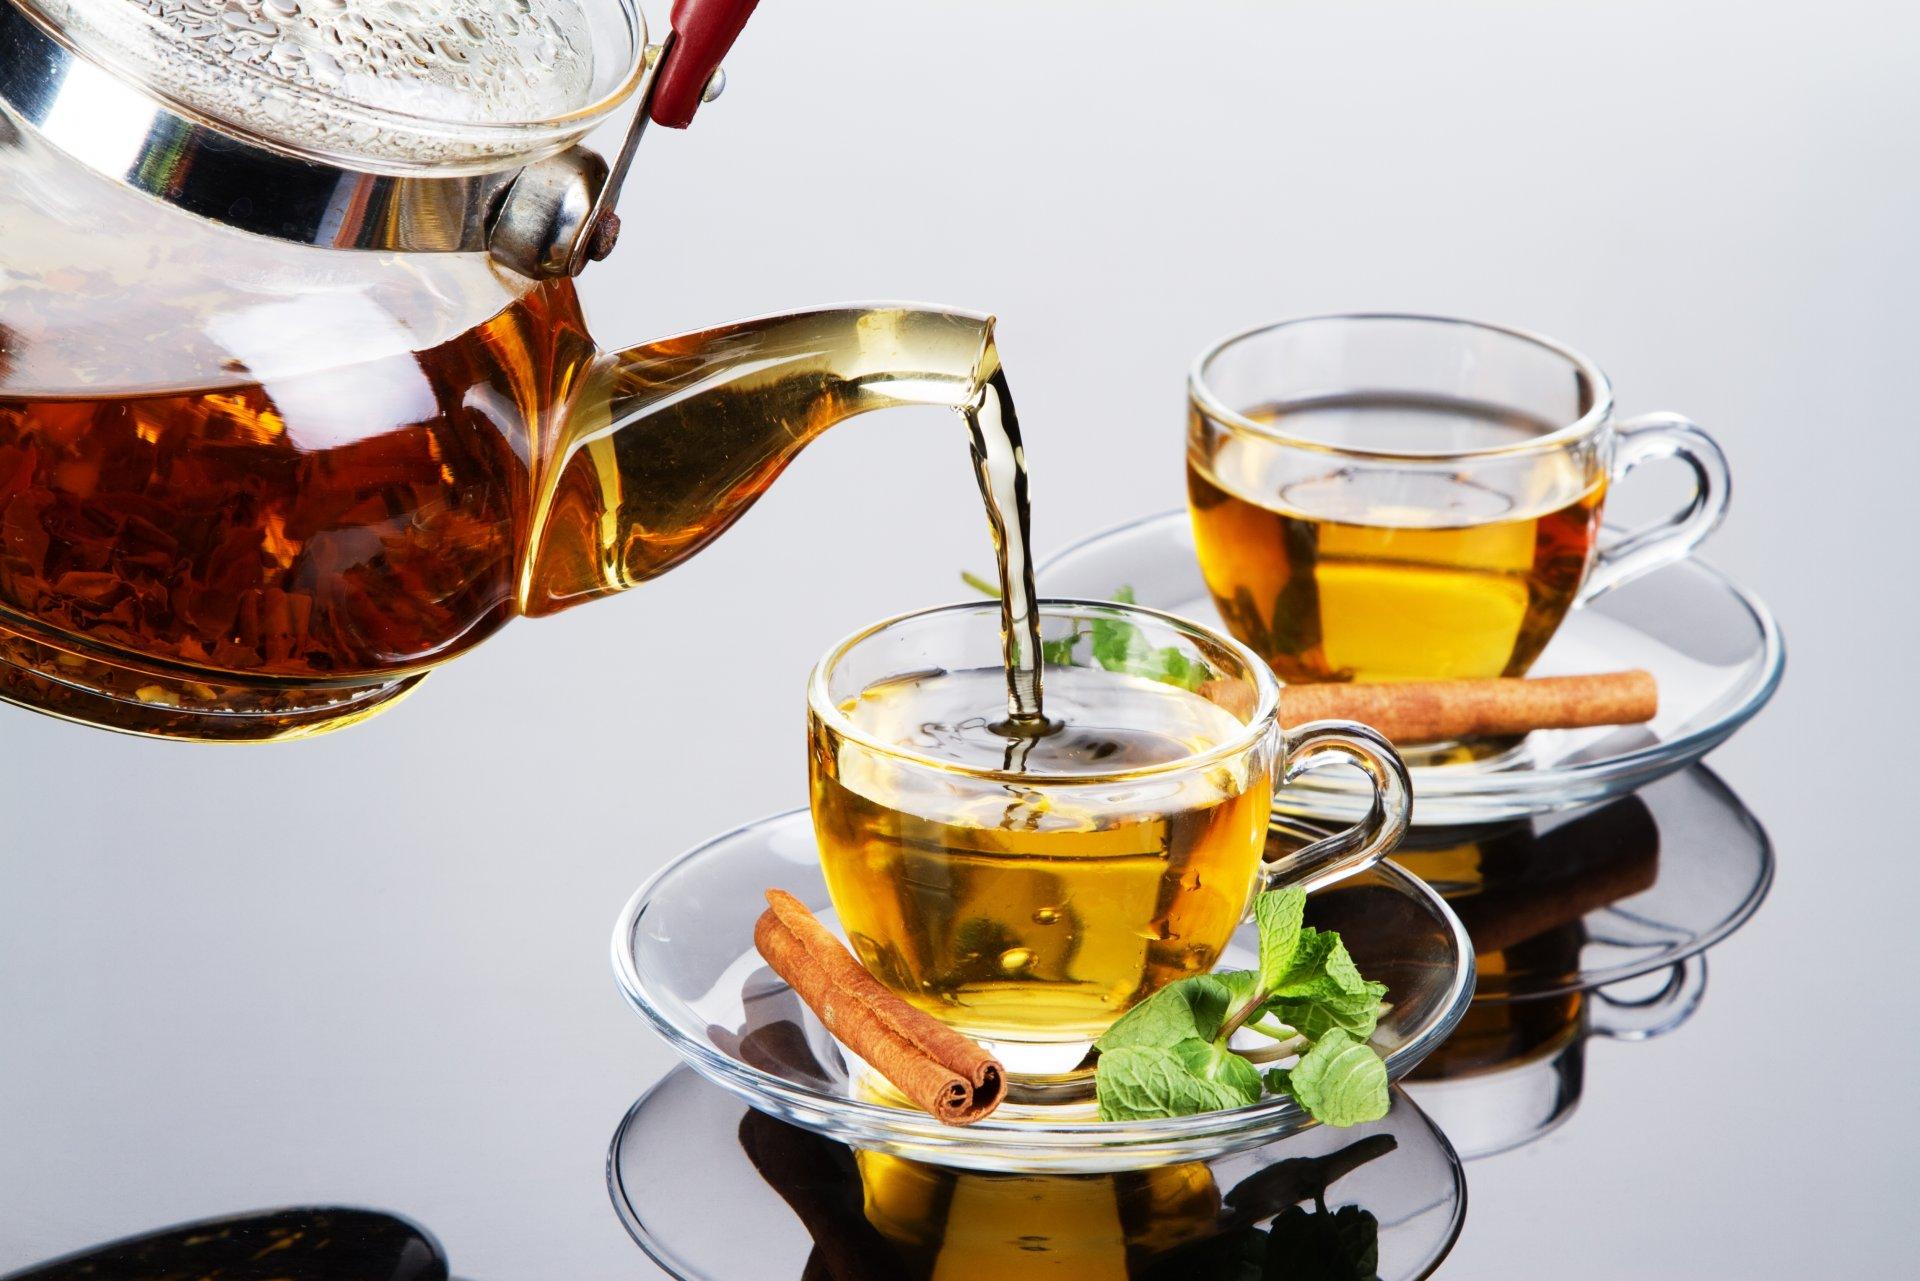 Pictures of liquor brands 16 jancs photo shop - fo